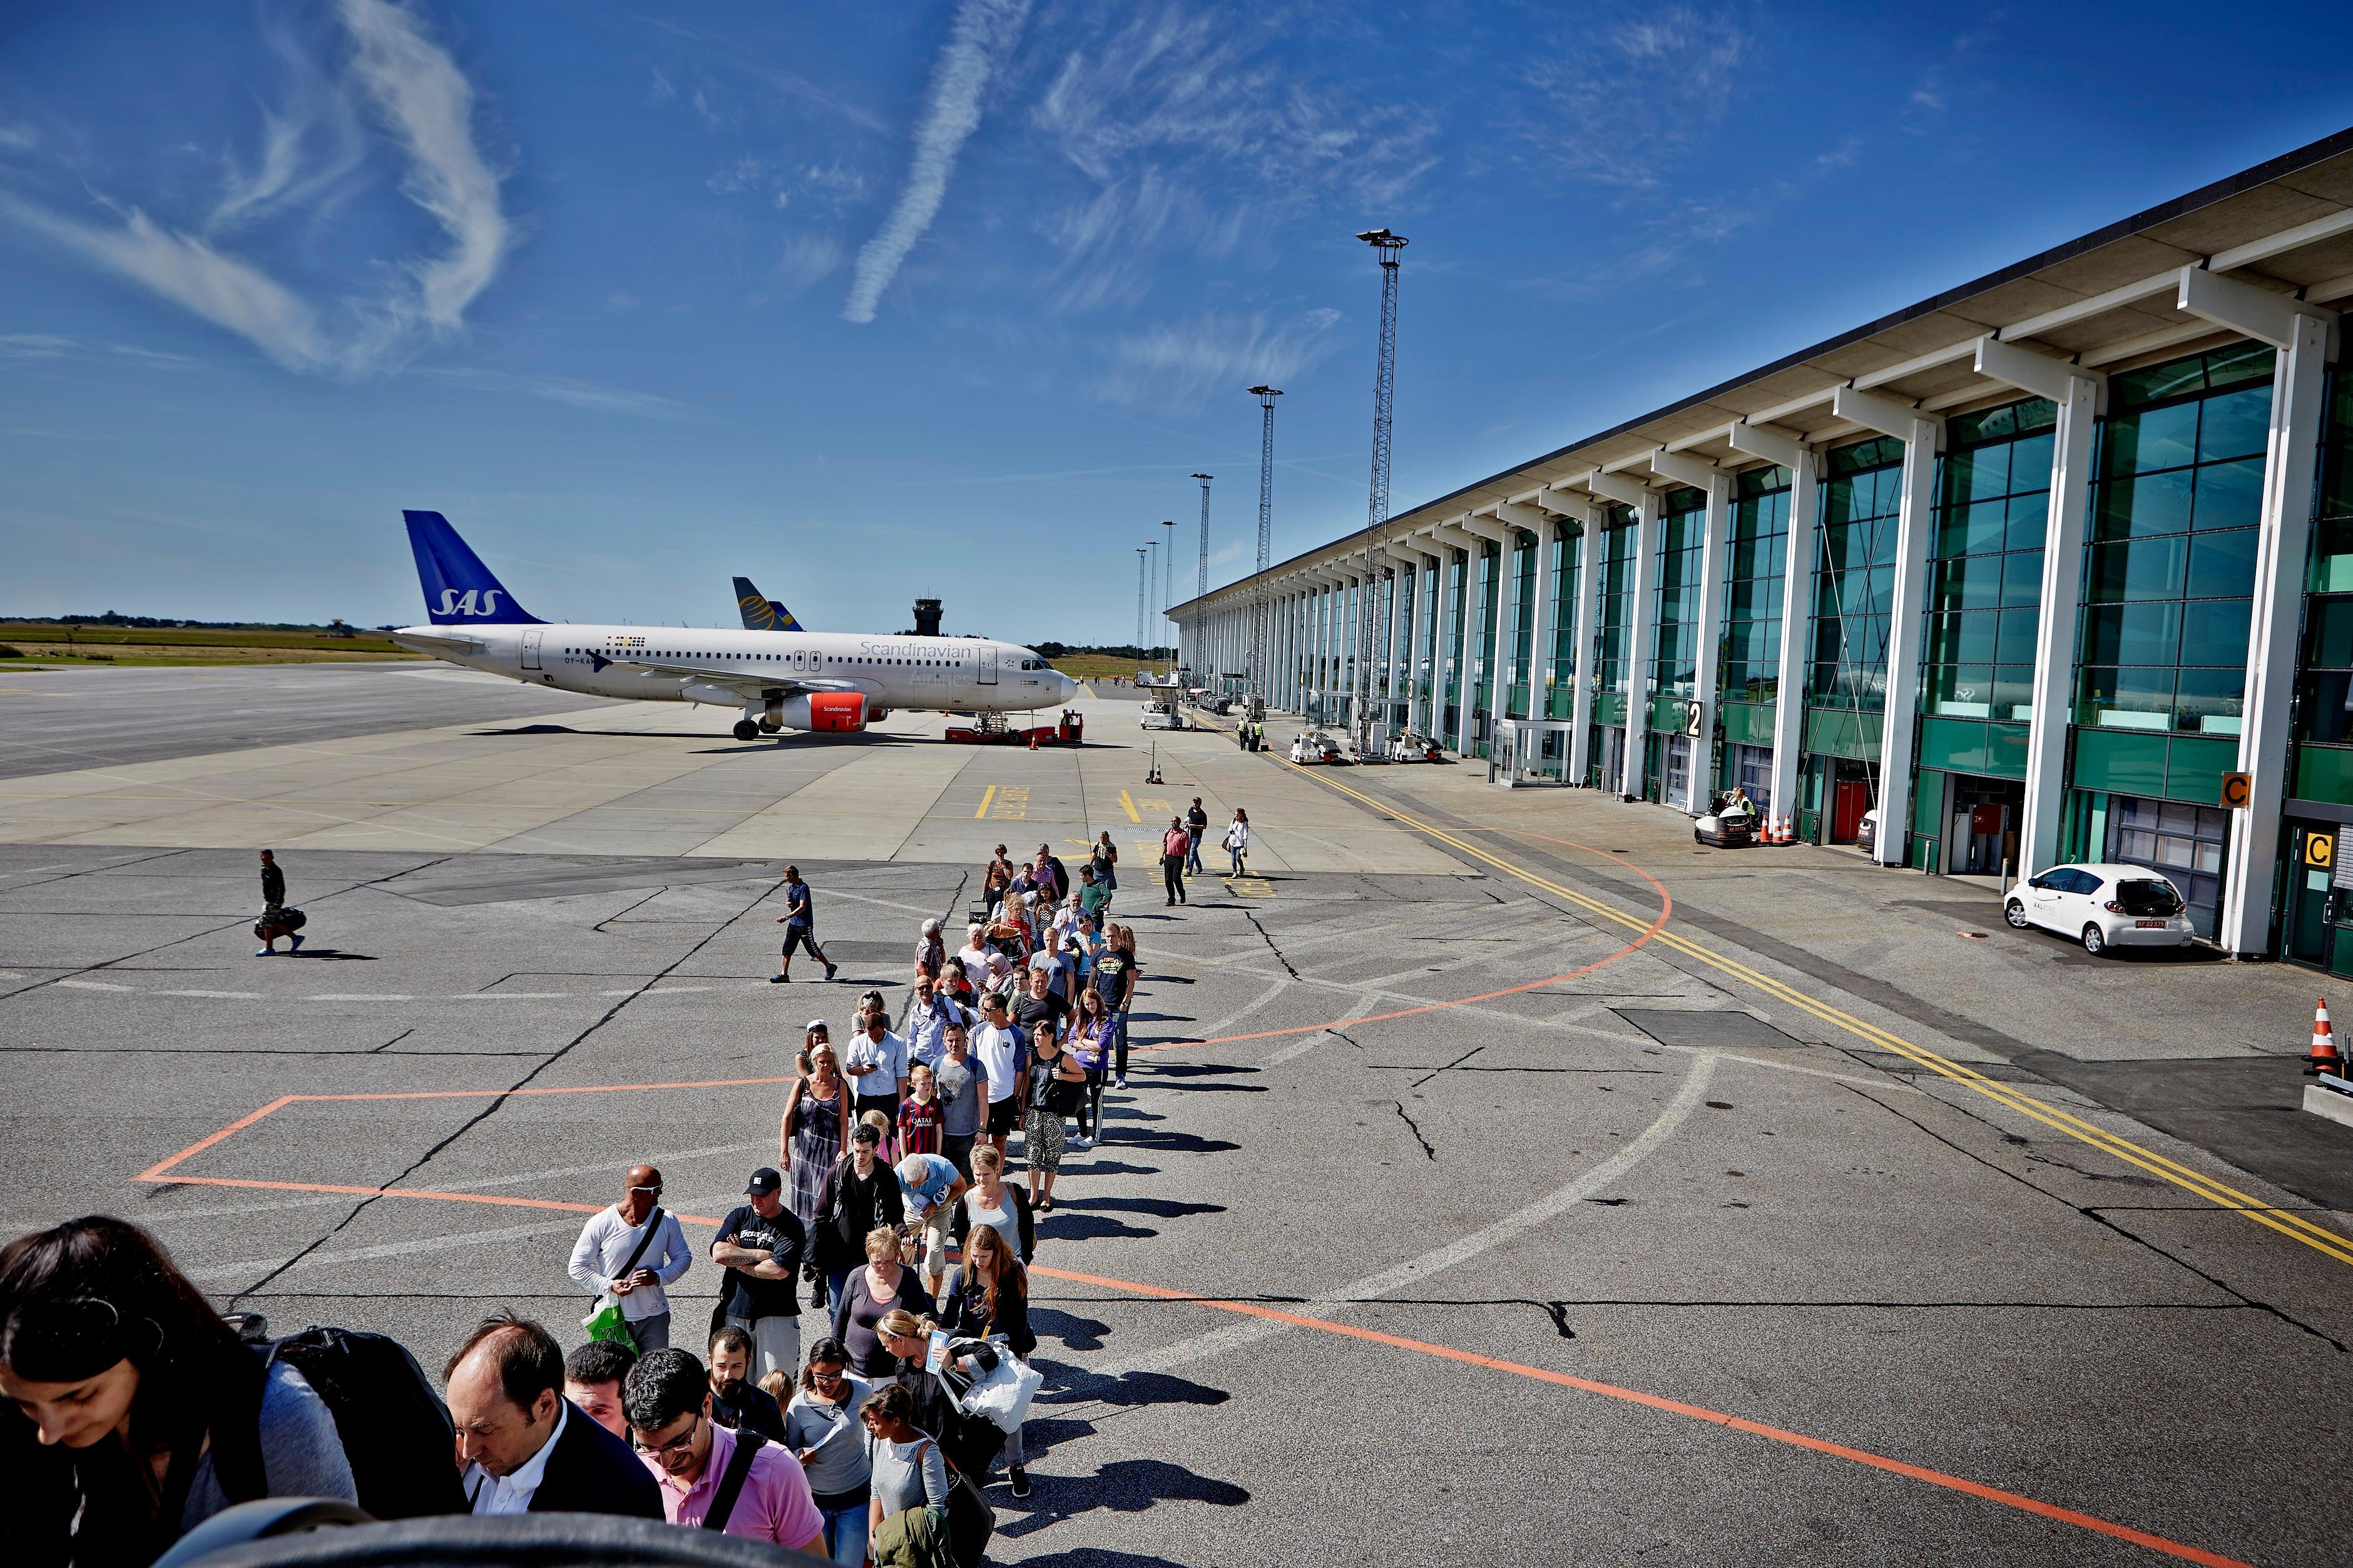 Boarding på fly i Aalborg Lufthavn. (Arkivfoto: Aalborg Lufthavn)